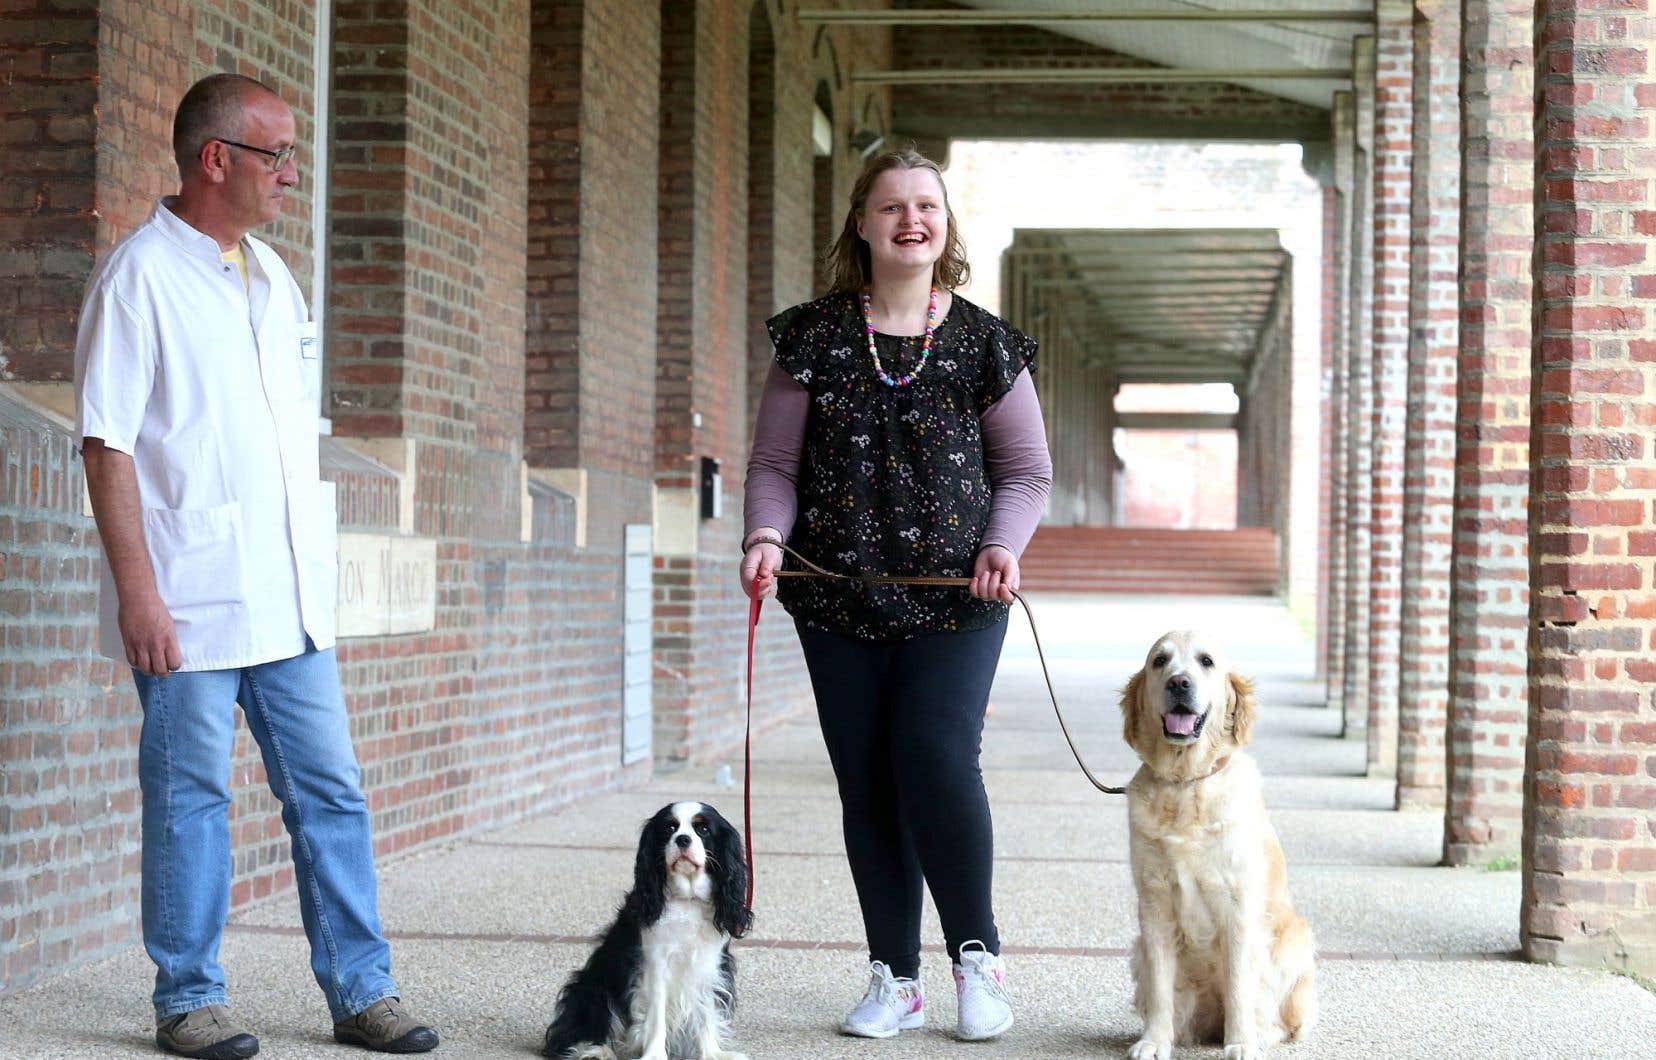 Priscillia, 27 ans, résidente de l'unité psychiatrique de l'hôpital Philippe Pinel d'Amiens, se promène avec deux chiens du cynothérapeute William Lambiotte (gauche).